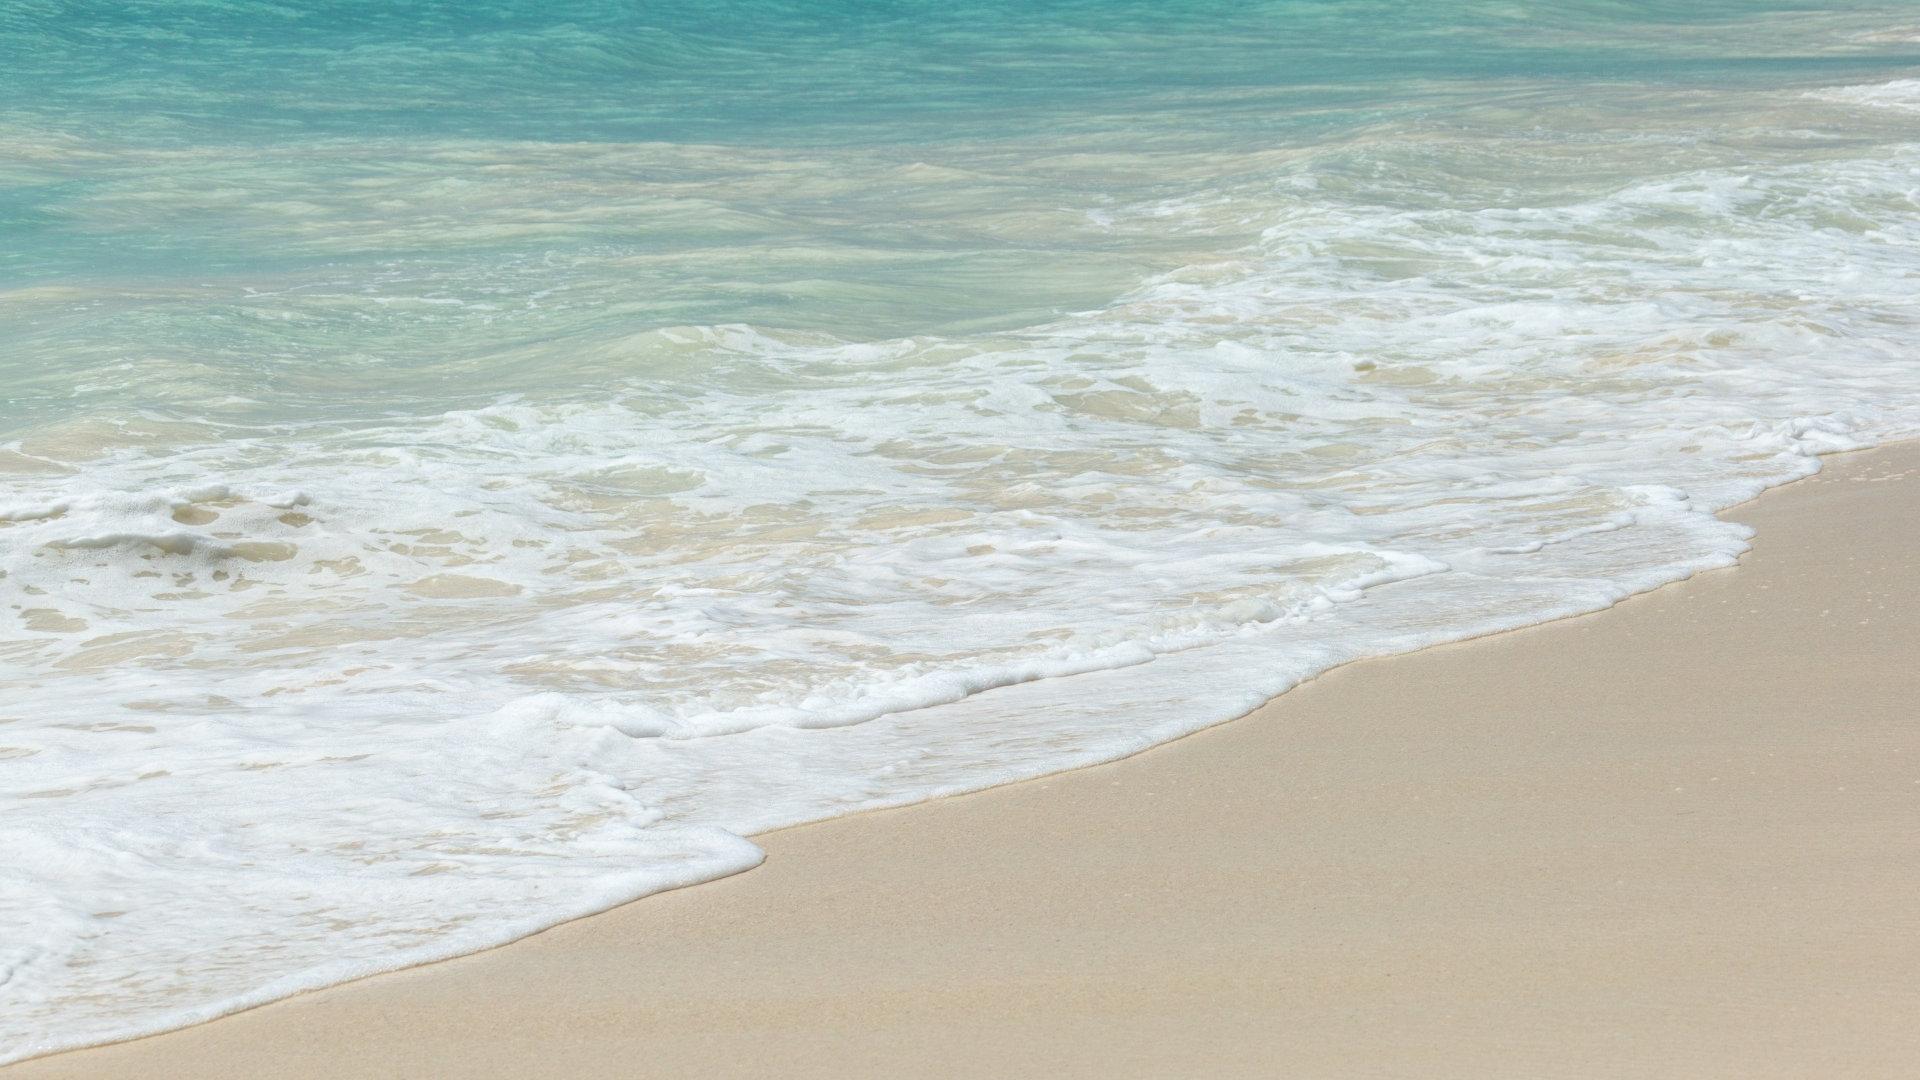 沙滩大海海浪1080P高清图片素材